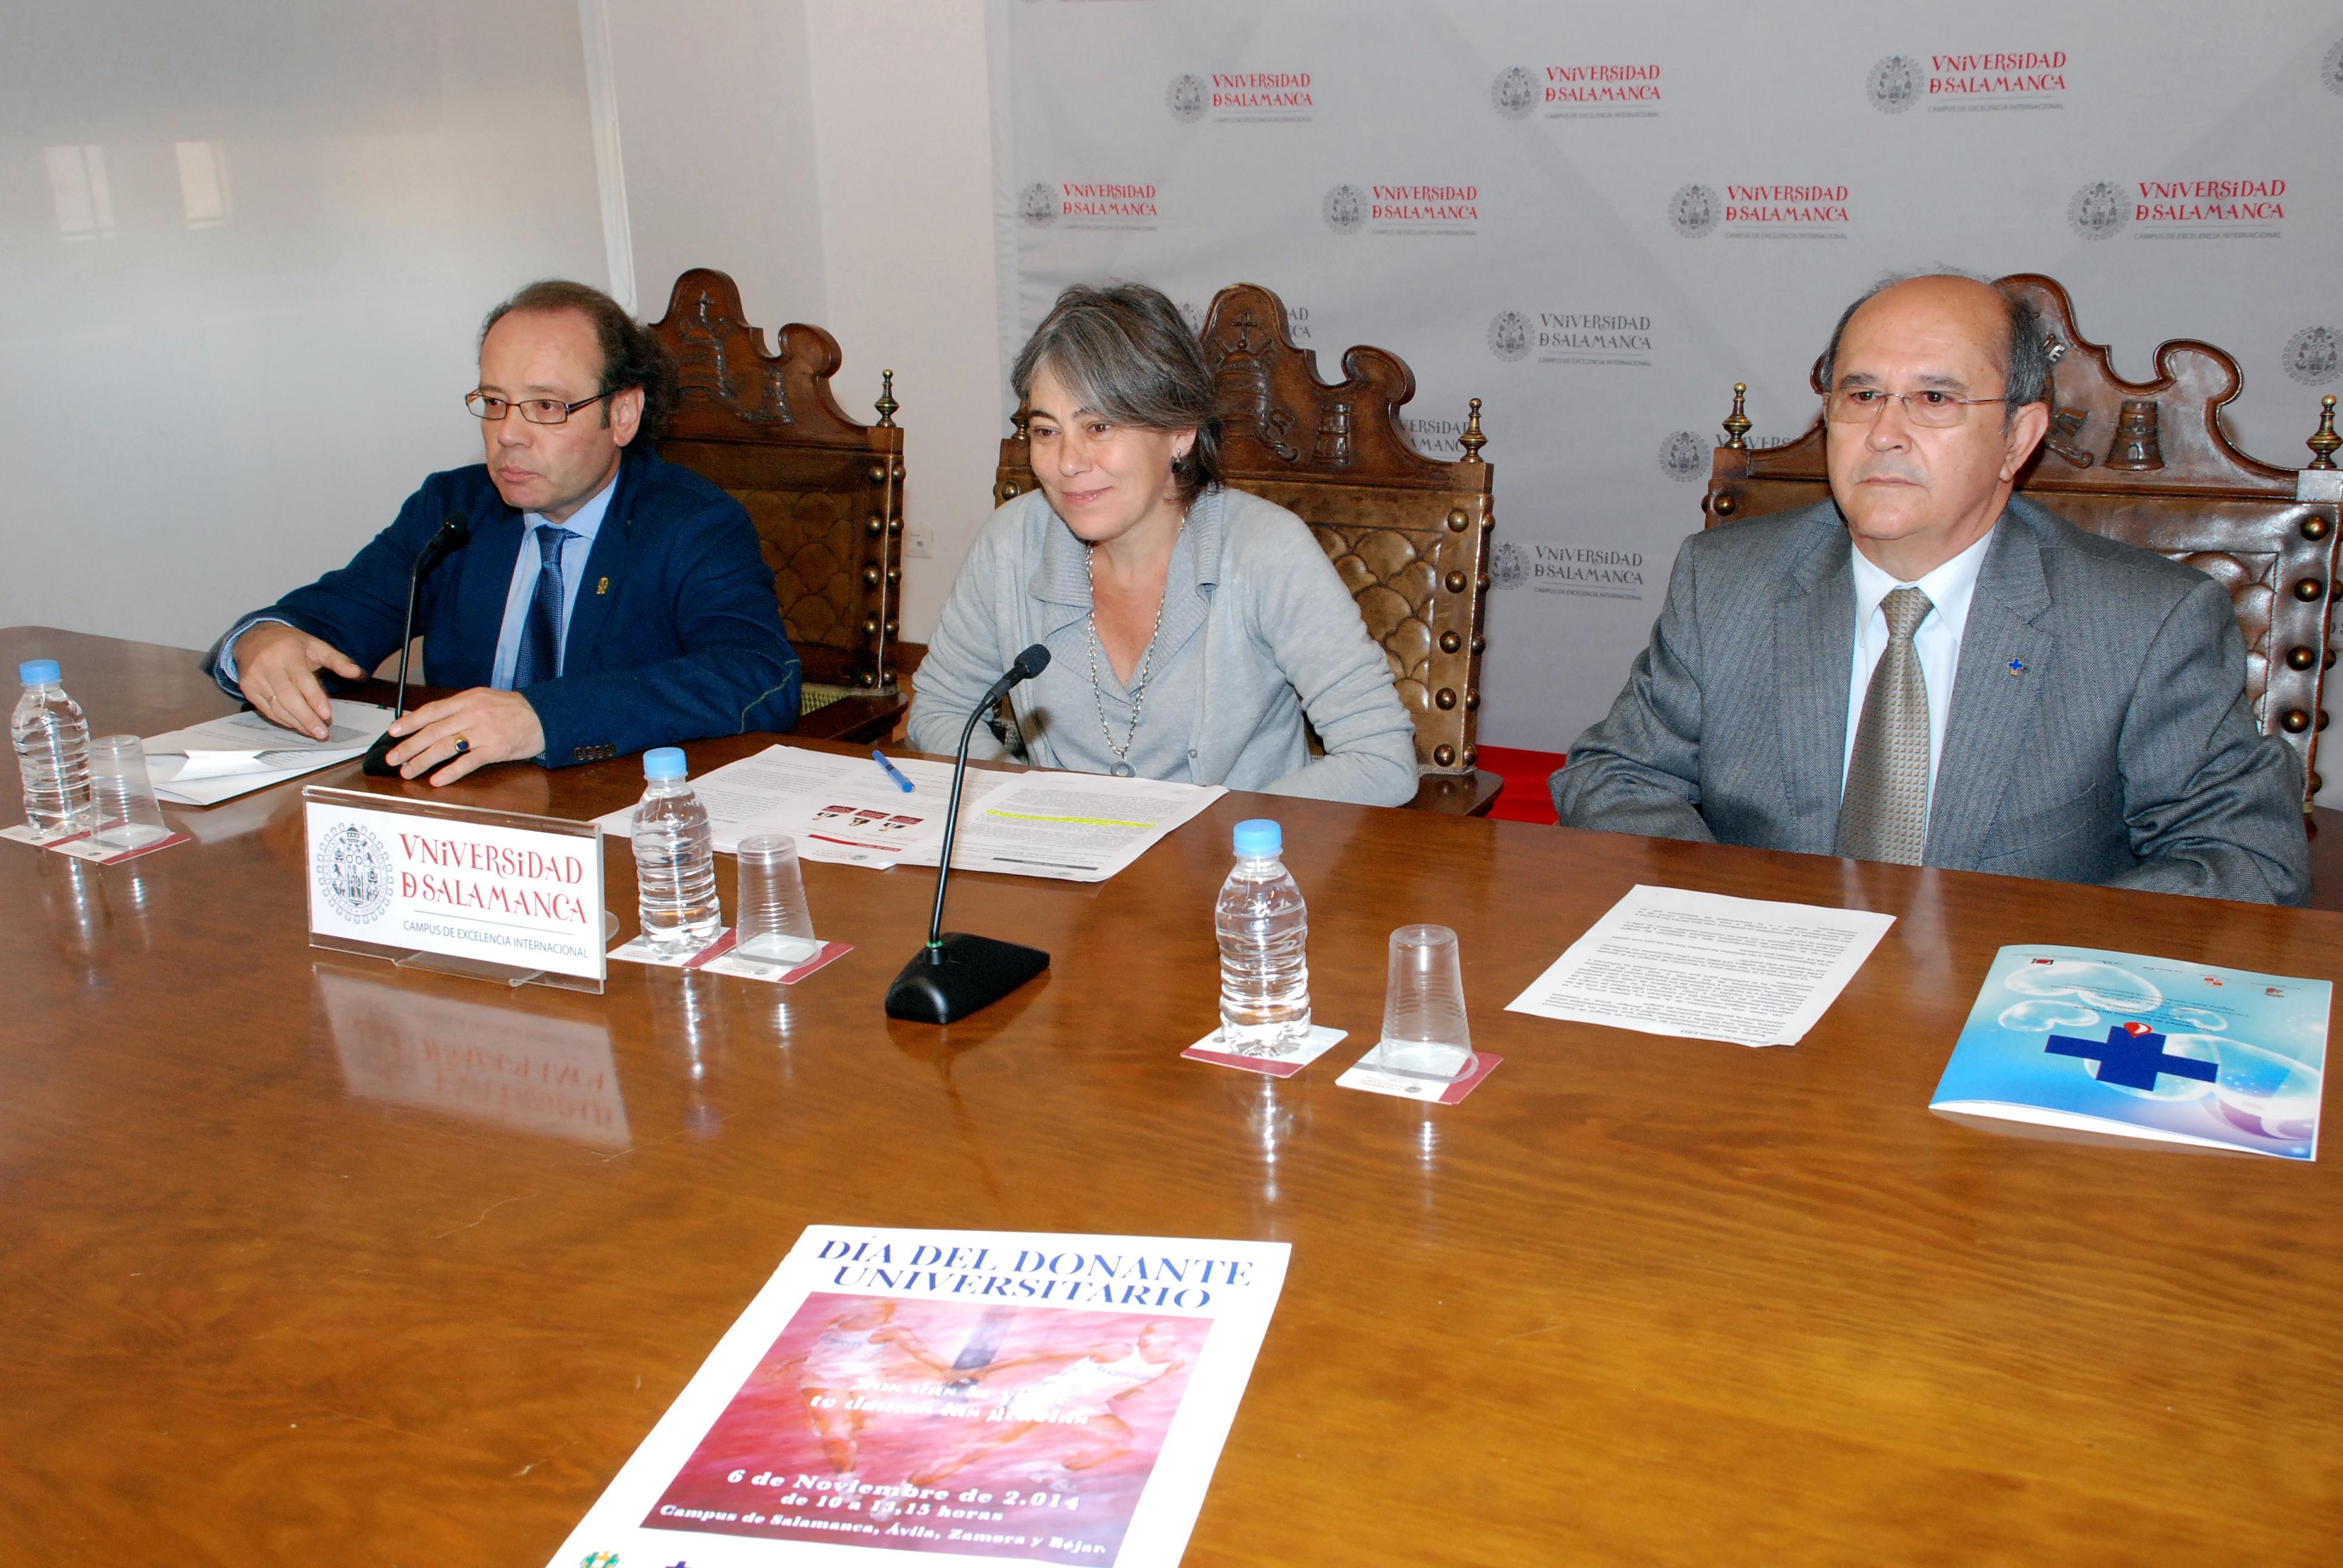 El XI Día del Donante Universitario contará con mesas informativas en los campus de Ávila, Béjar, Salamanca y Zamora